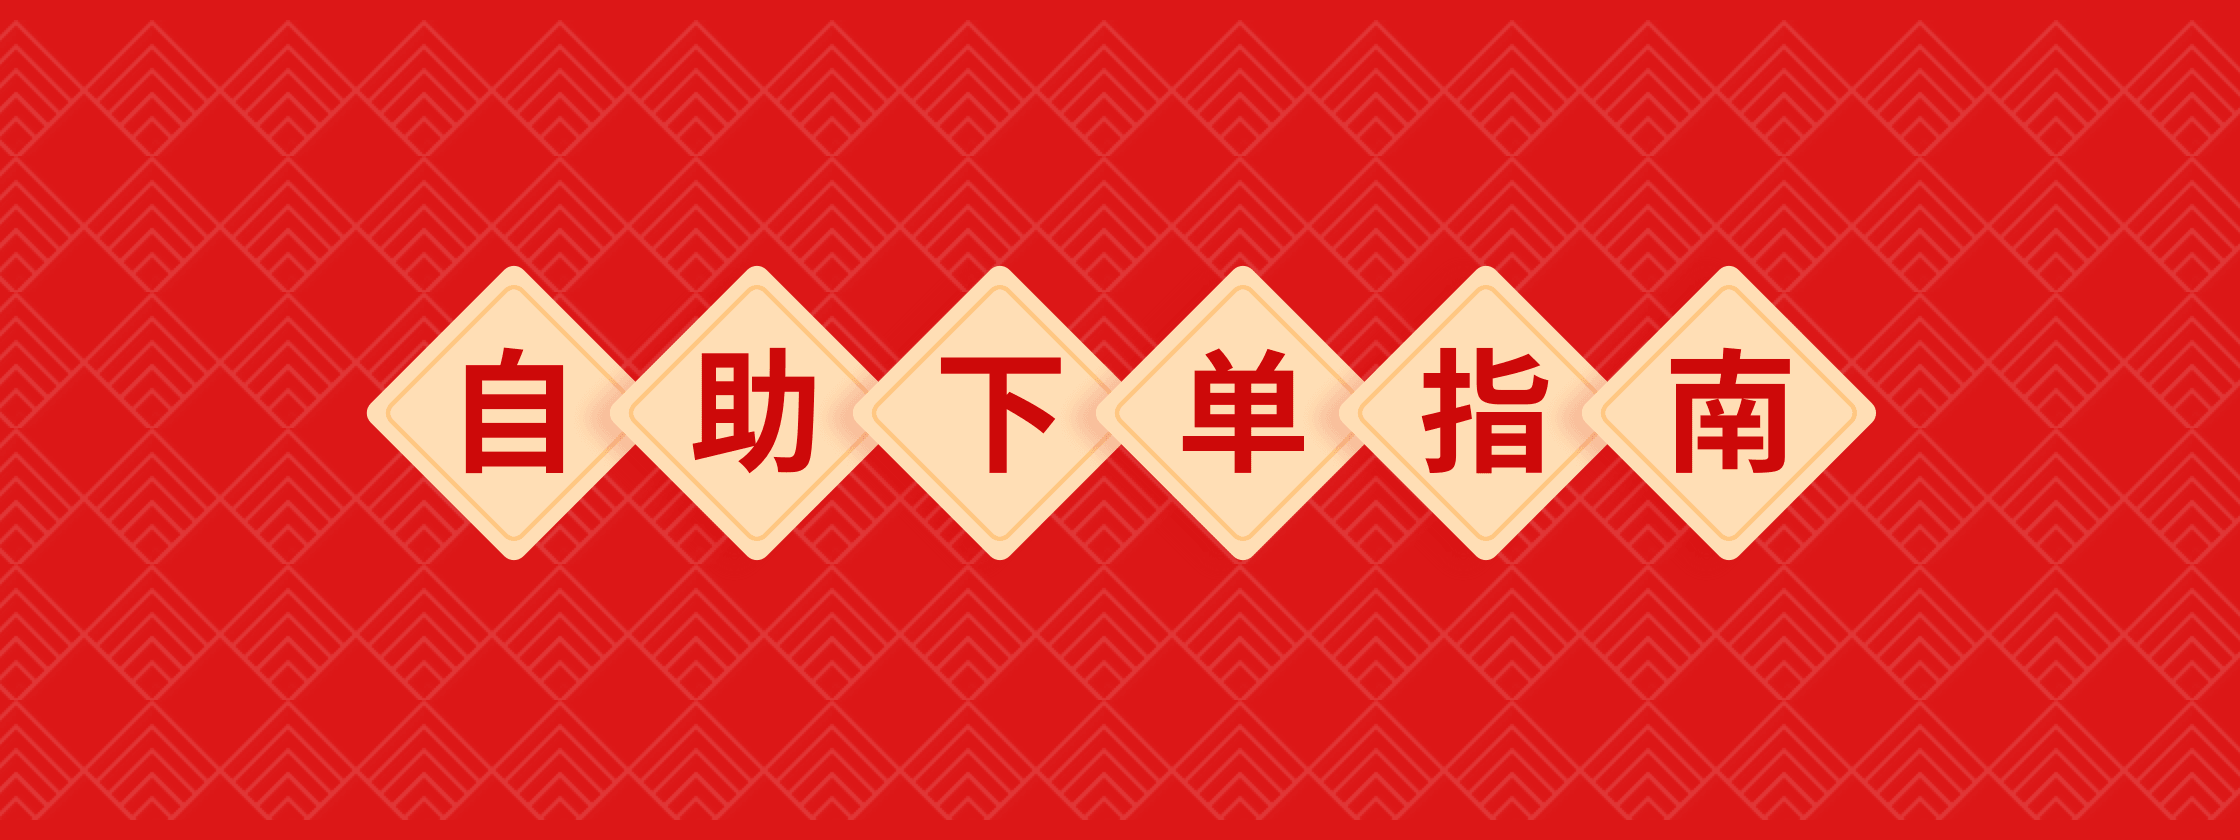 春节客服休假中,自助购买更方便!